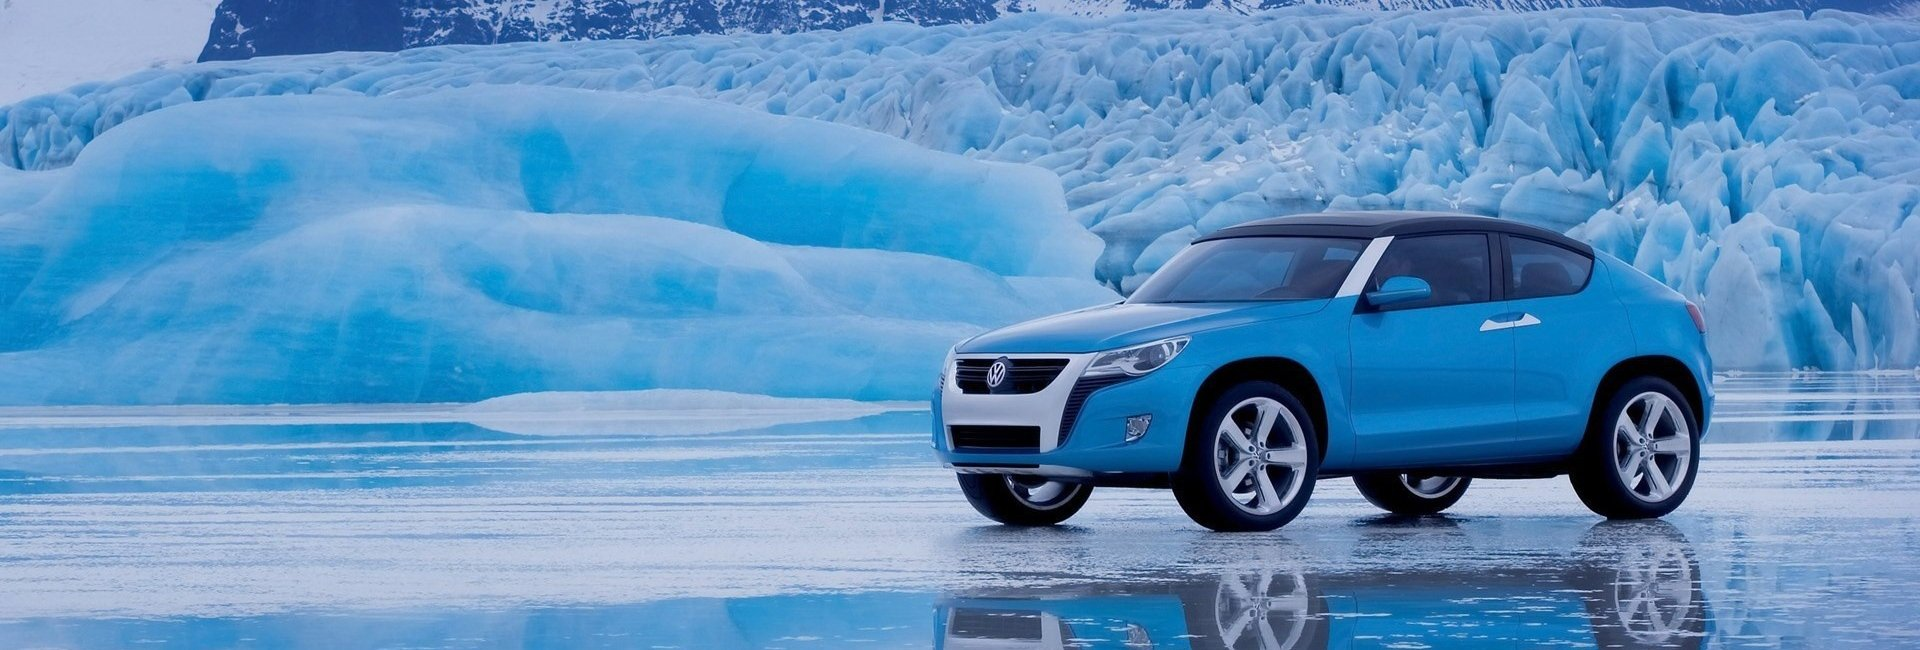 9 простых правил, которые помогут подготовить машину к зиме для начинающих автолюбителей